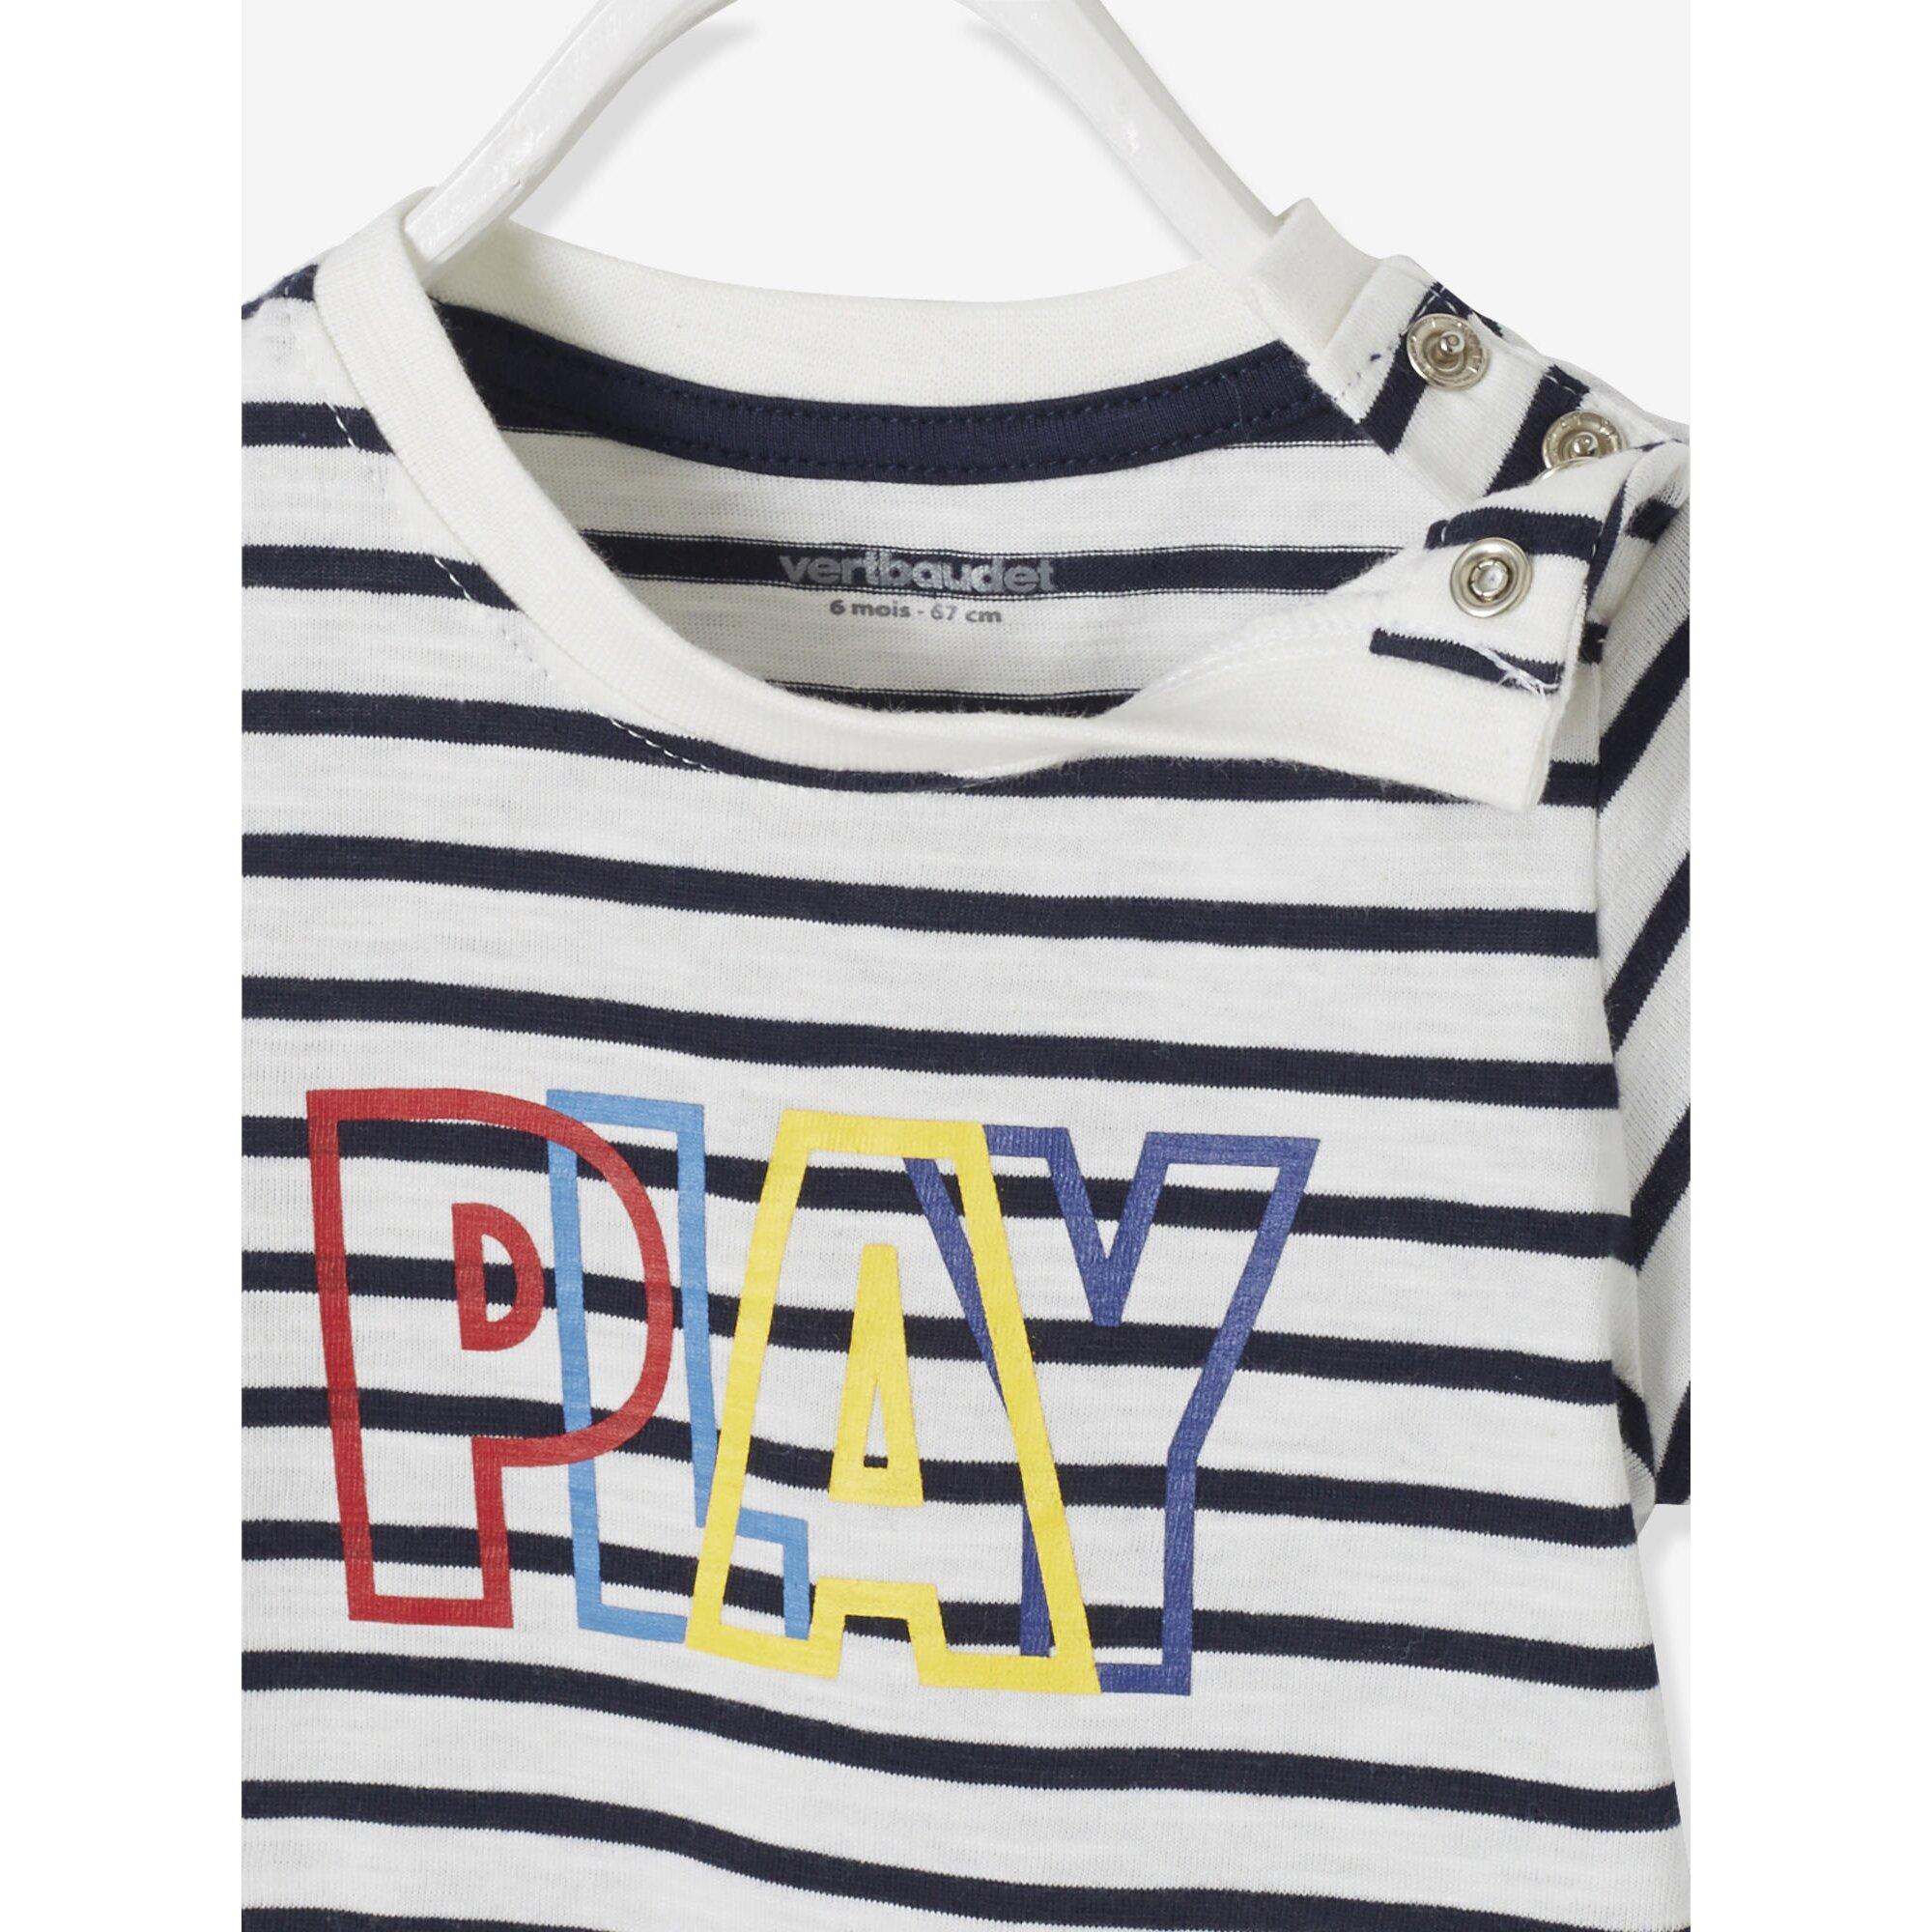 vertbaudet-t-shirt-fur-baby-jungen-bedruckt, 5.59 EUR @ babywalz-de